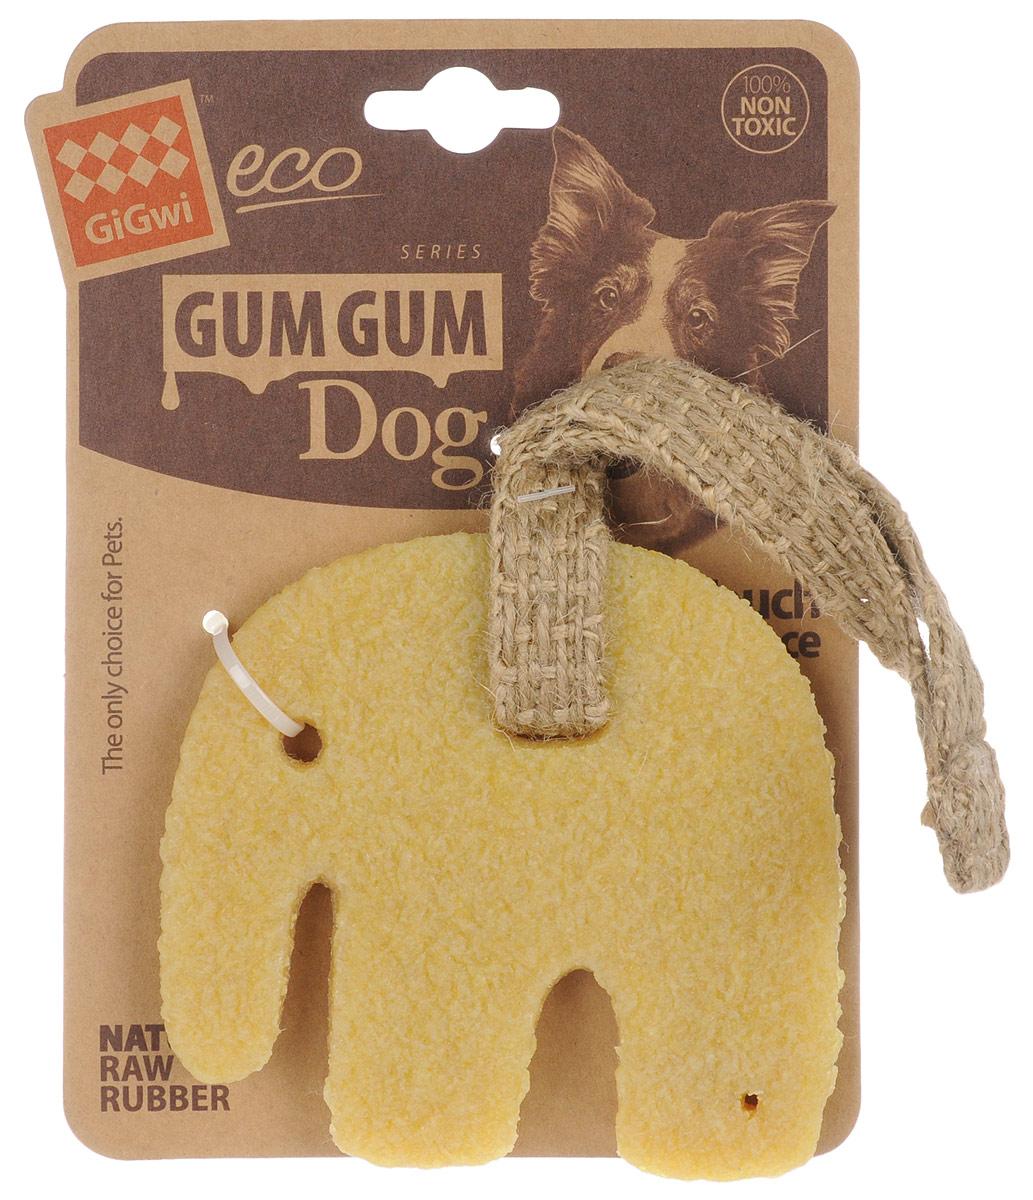 Игрушка для собак GiGwi Большой слон, длина 11 см75319Игрушка для собак GiGwi Большой слон выполнена из натуральных компонентов - 100% нетоксичного каучука и льняного жгута. Вдохновенные природой эти игрушки не вредят здоровью вашего питомца и его зубам, деснам, тем самым обеспечивая здоровую альтернативу для вашего друга.